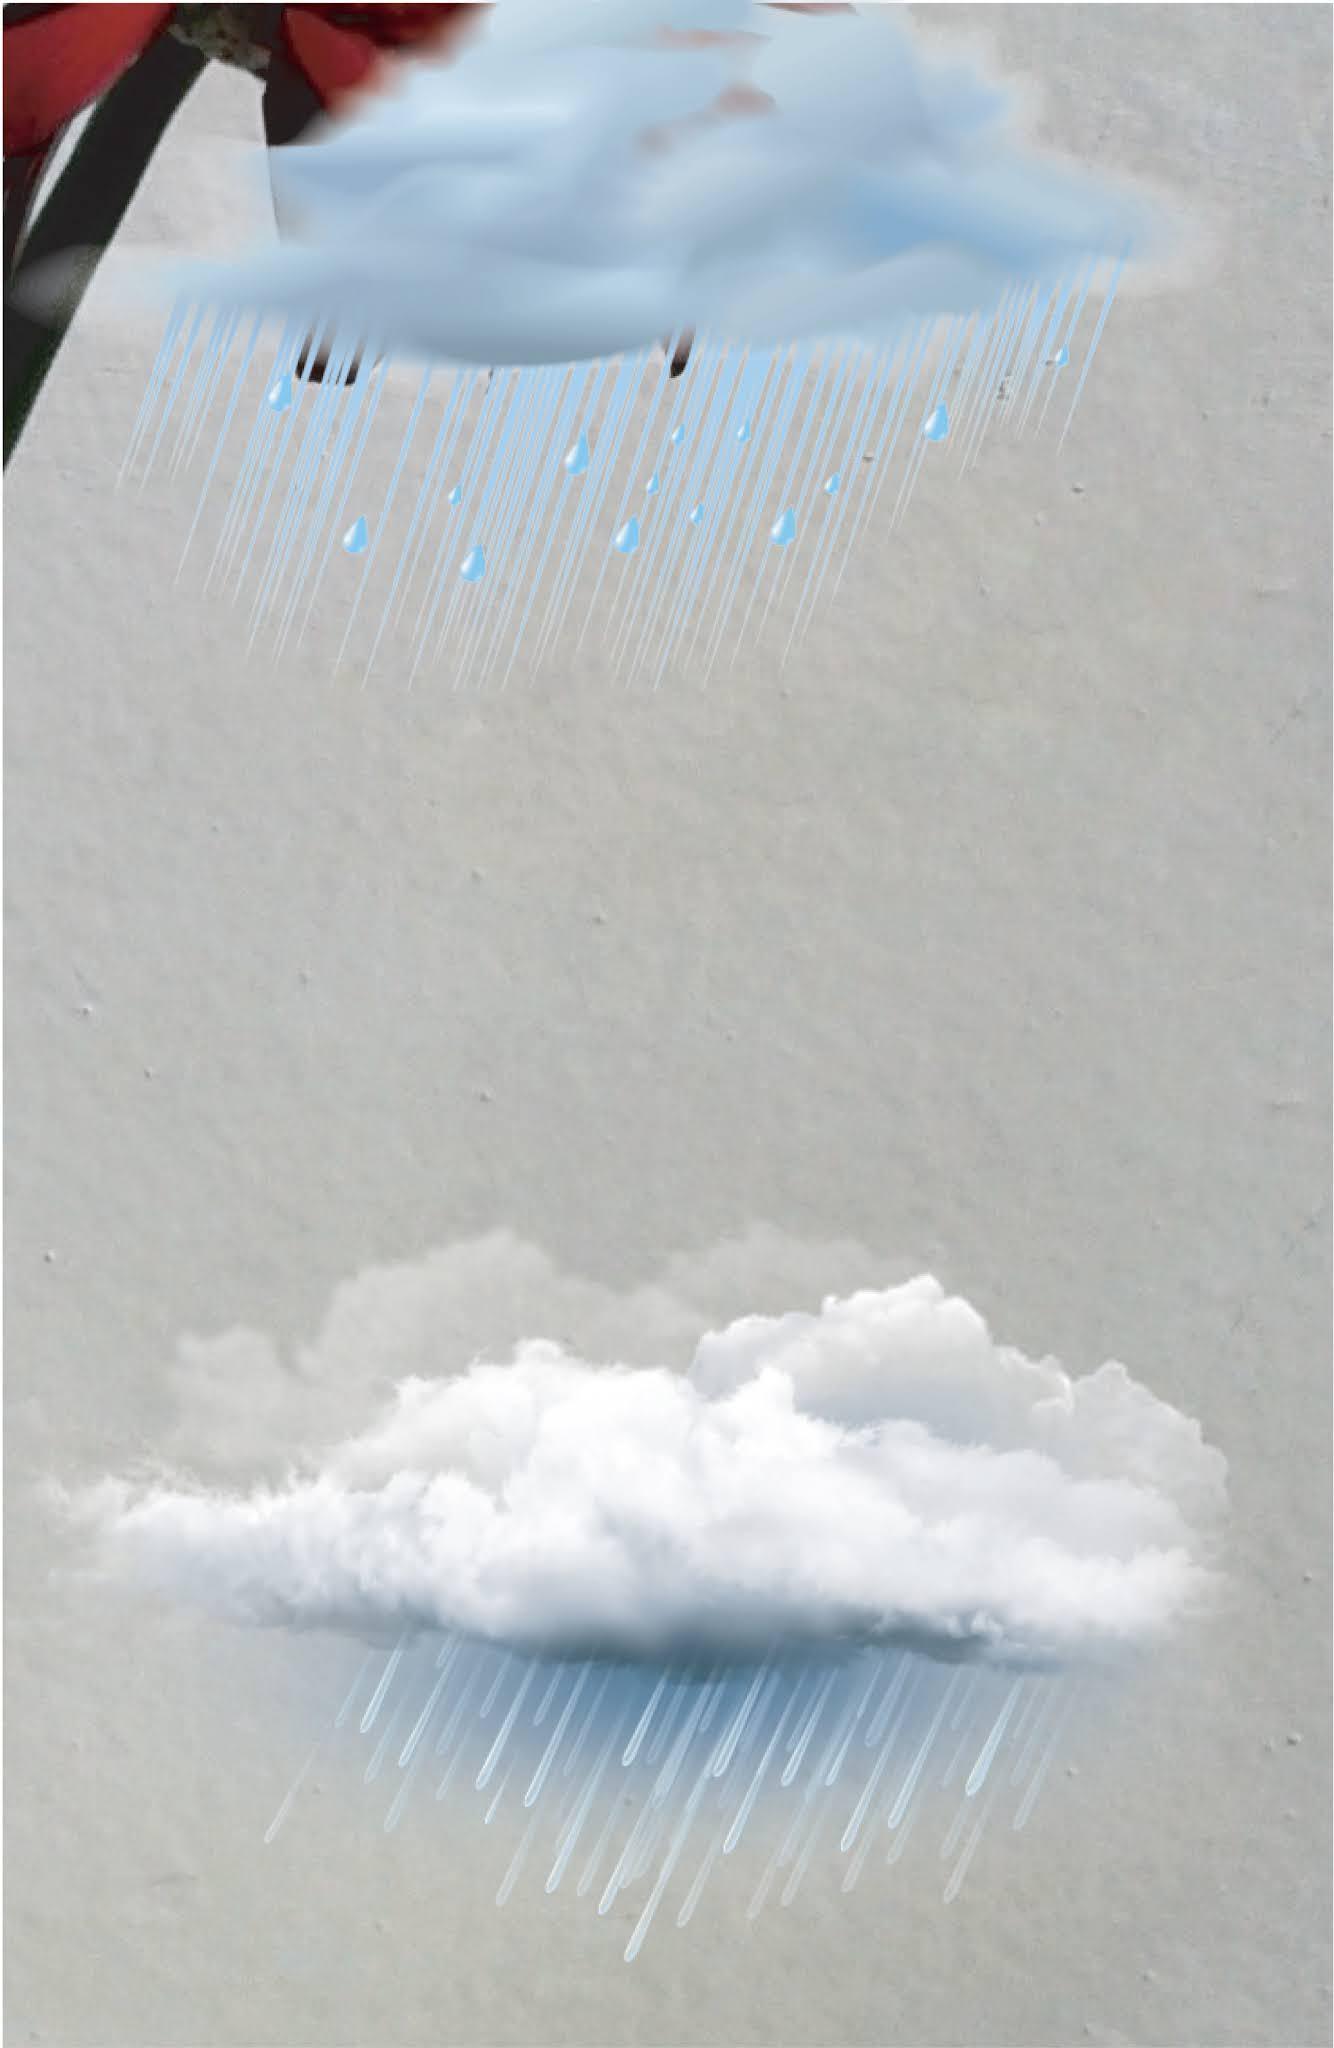 বৃষ্টির পদাবলি - ০১